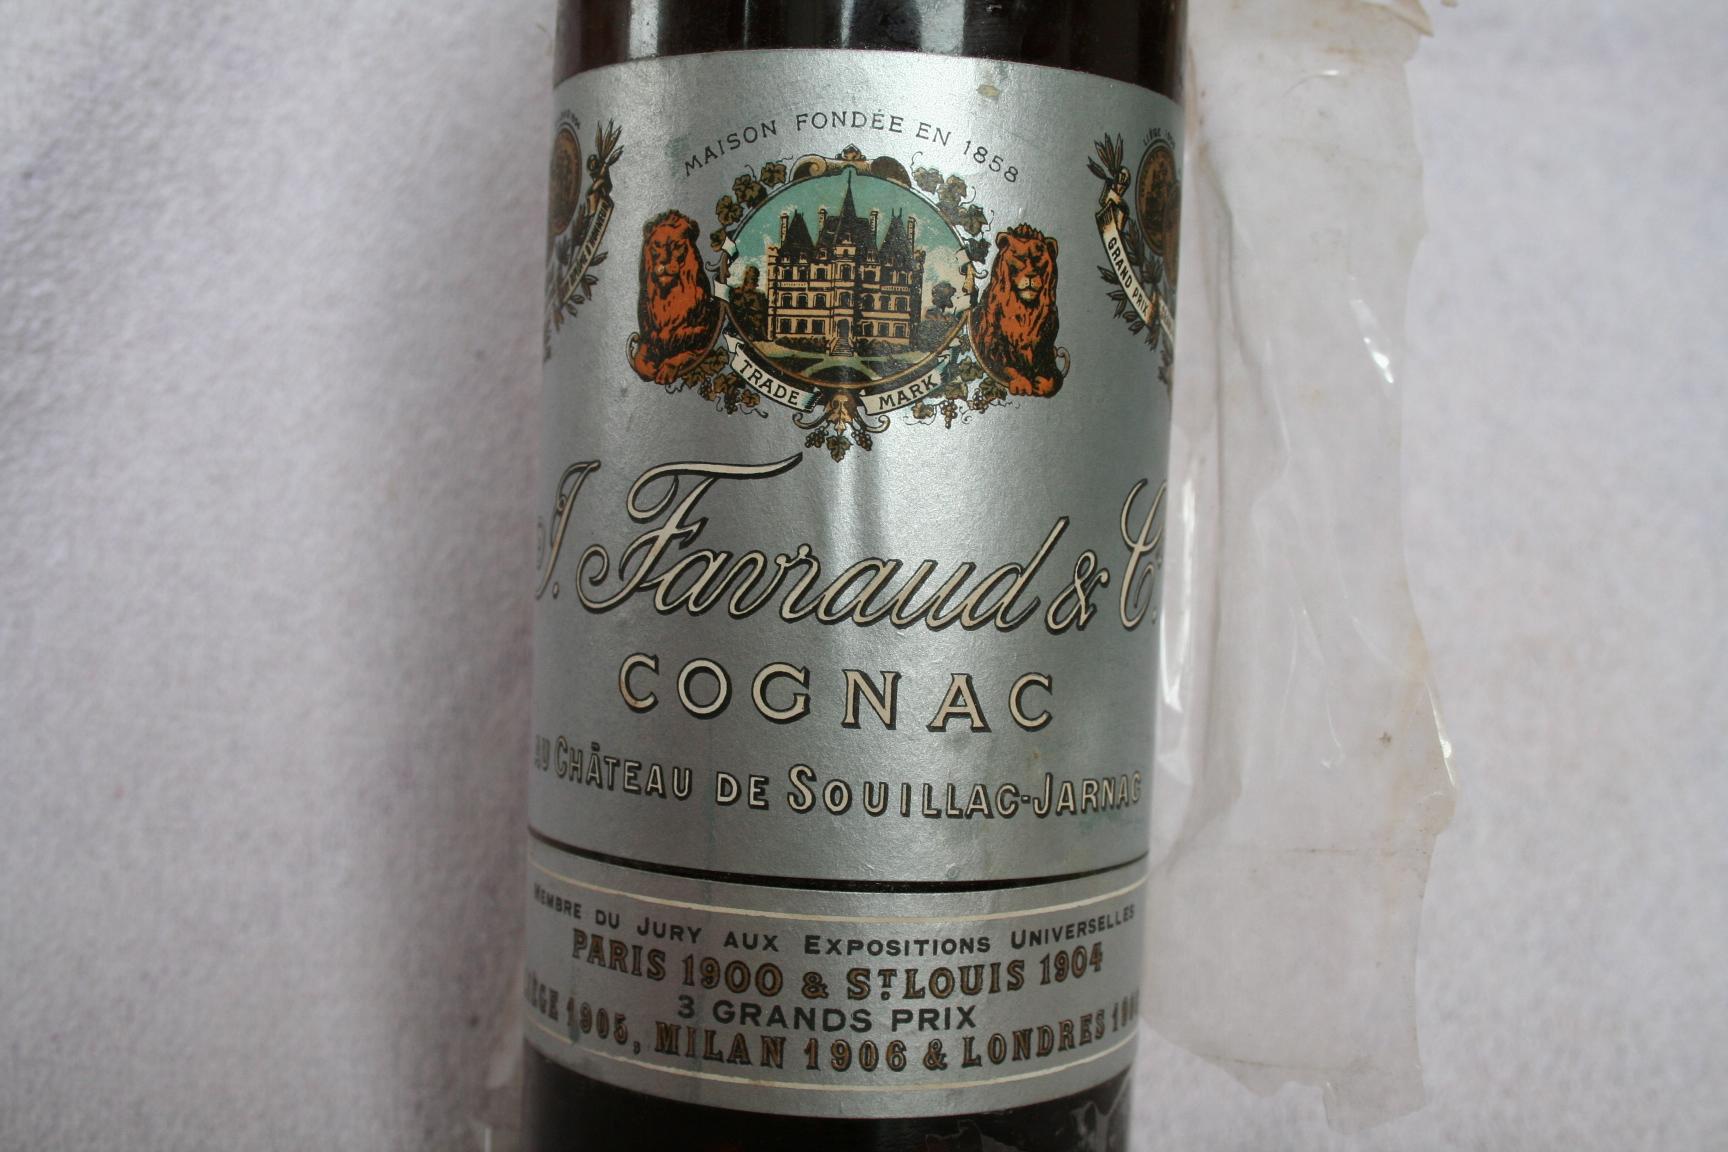 Cognac Favraud Vieille réserve 1893 label